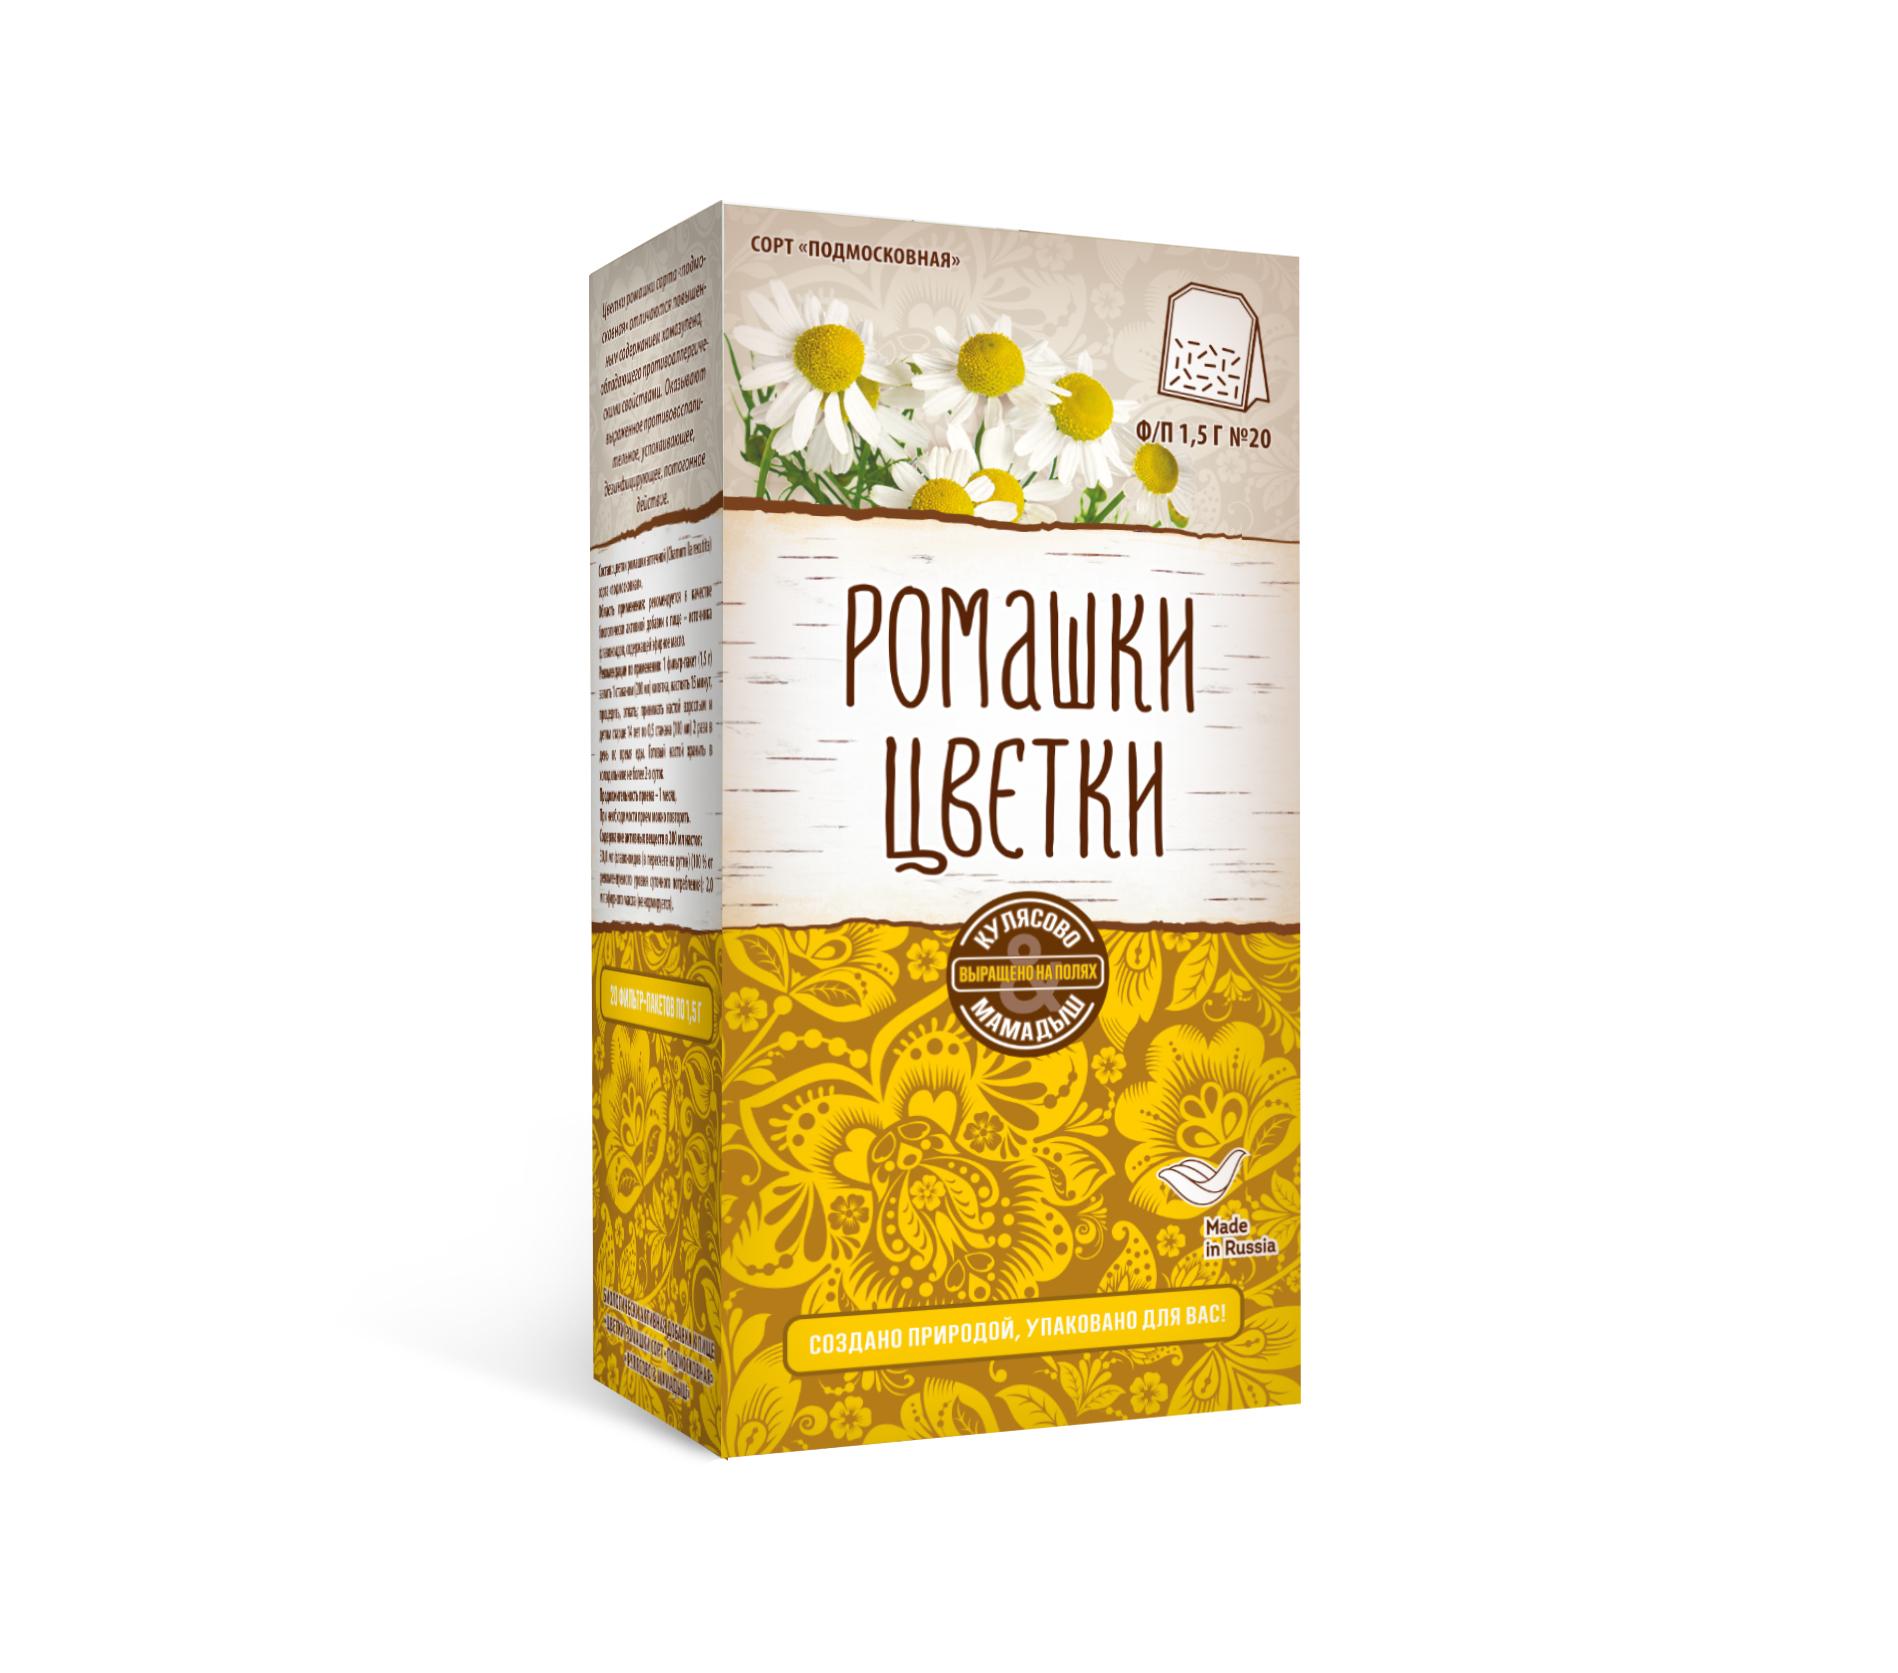 Цветки ромашки сорт «Подмосковная». Кулясово & Мамадыш (фильтр-пакеты): описание, инструкция по применению